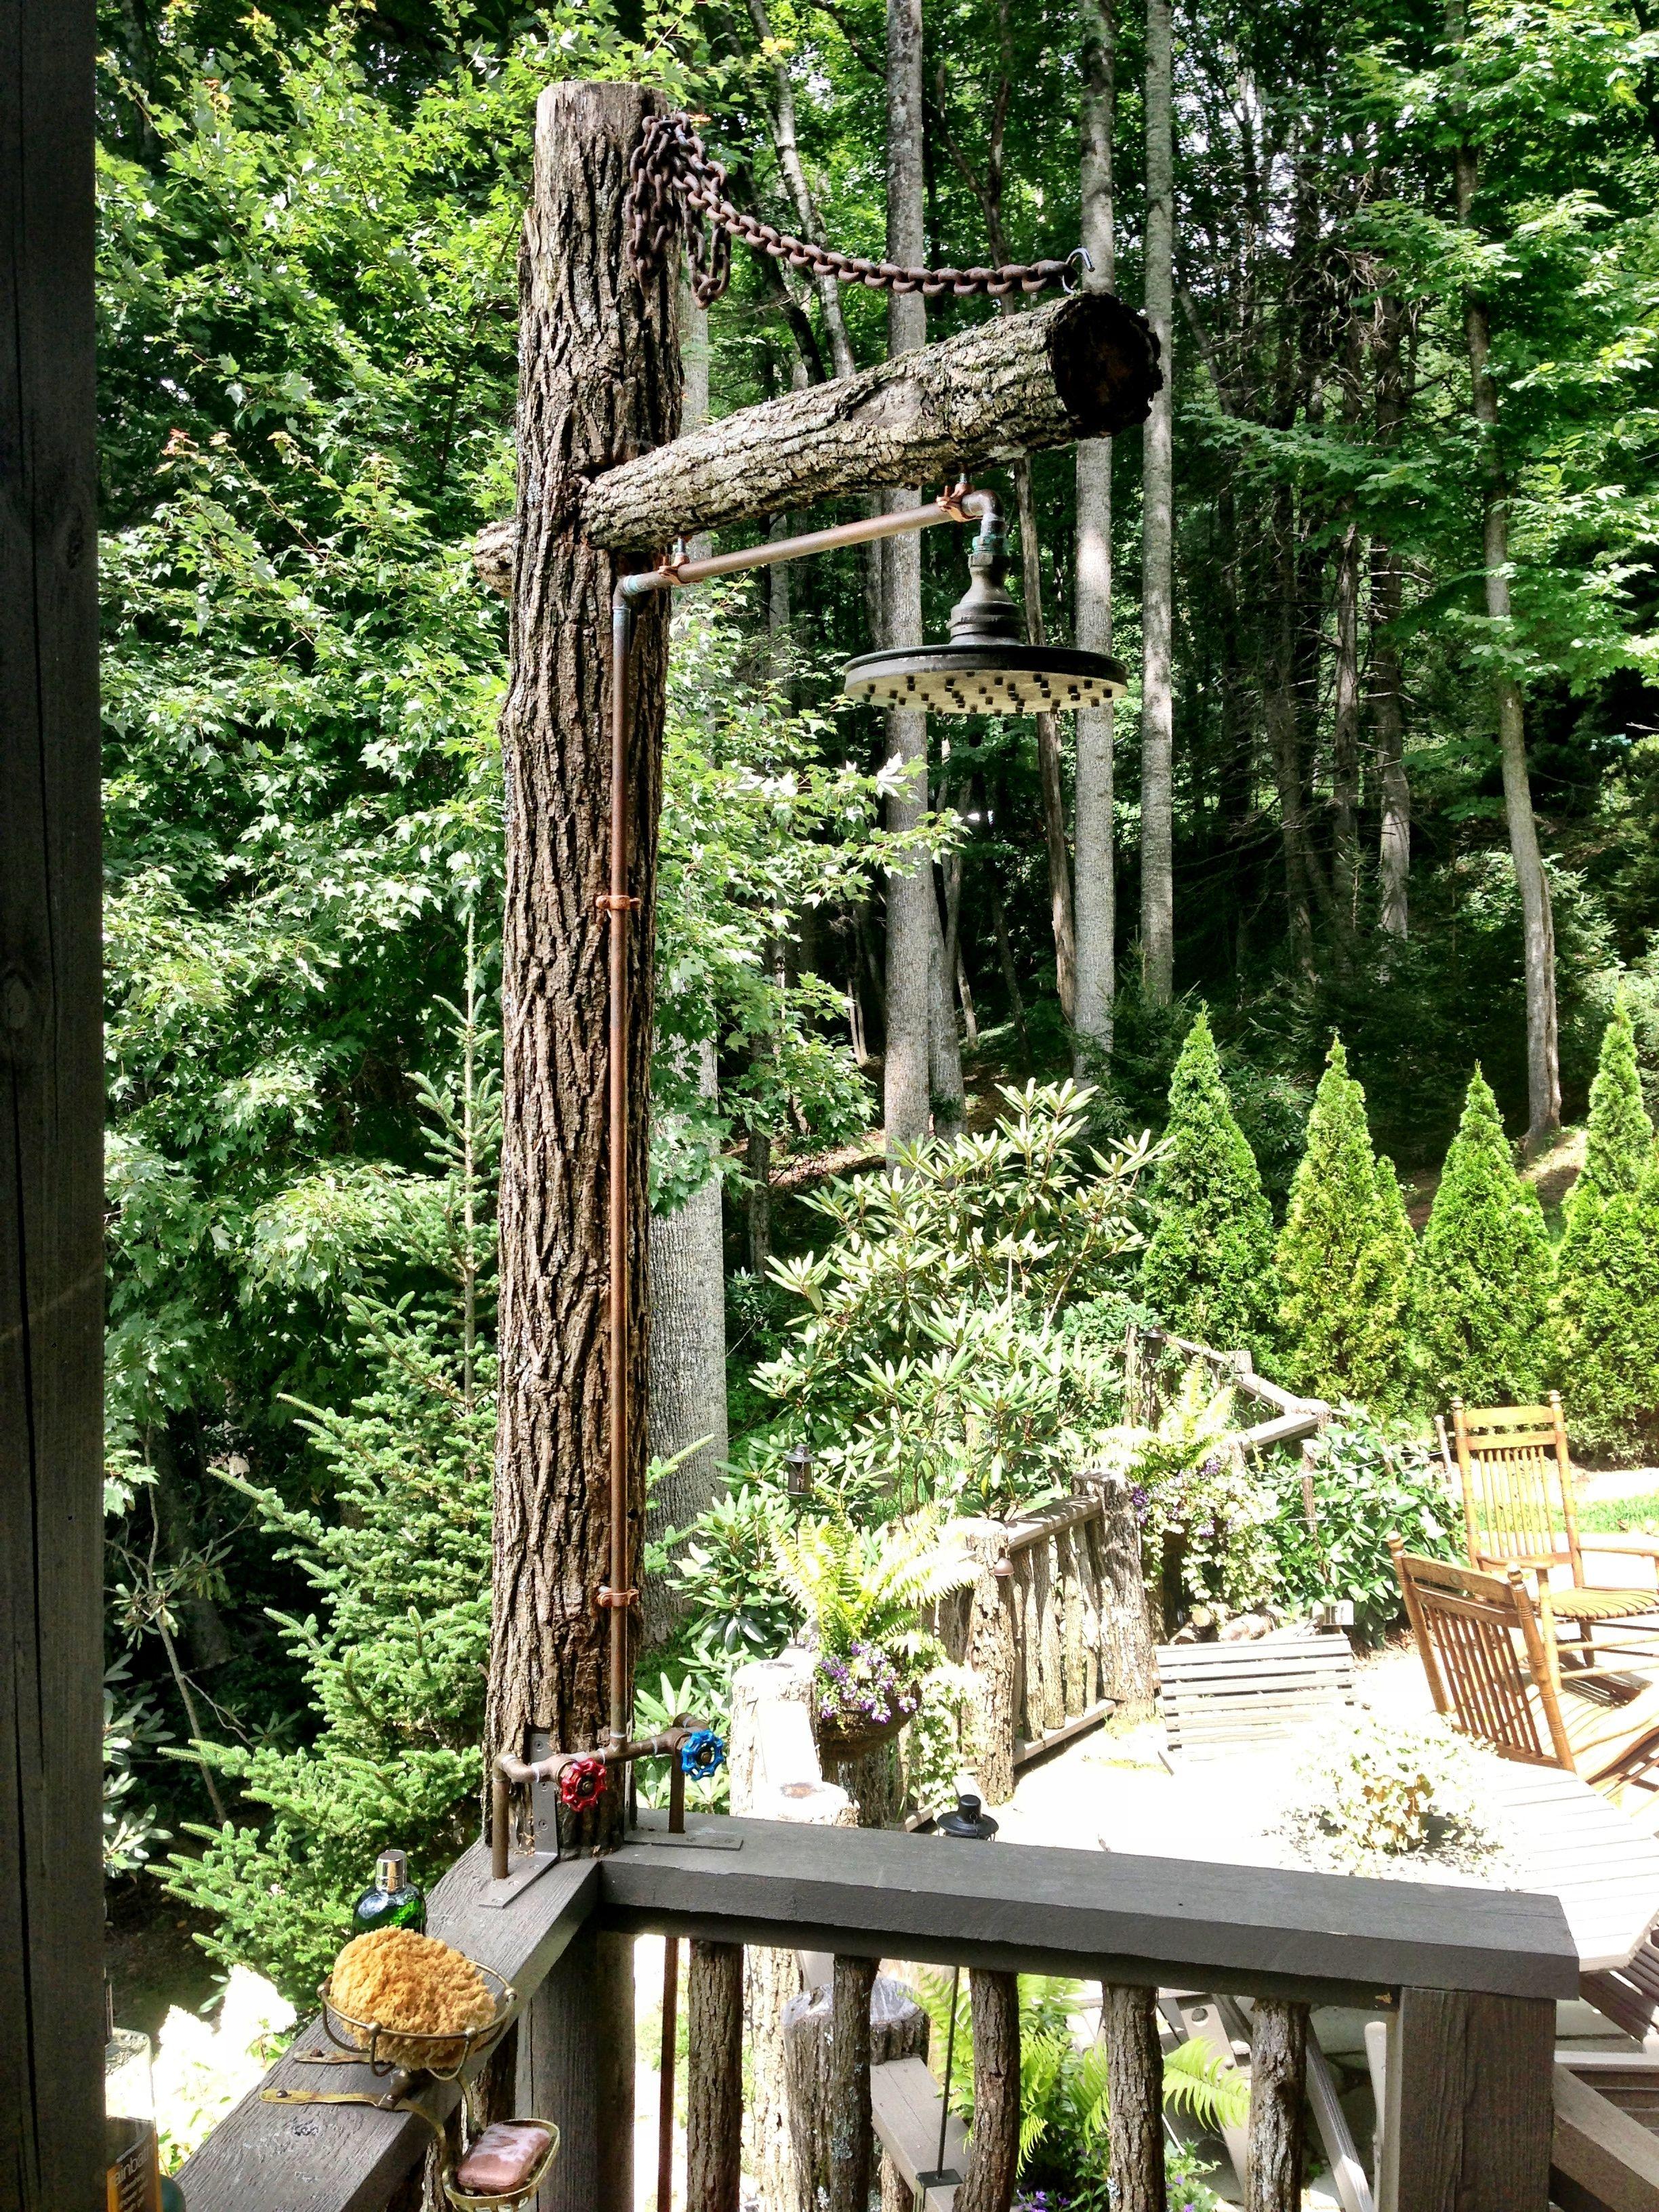 Rustic Outdoor Garden Shower Diese Rustikale Idee Kann Super Mit